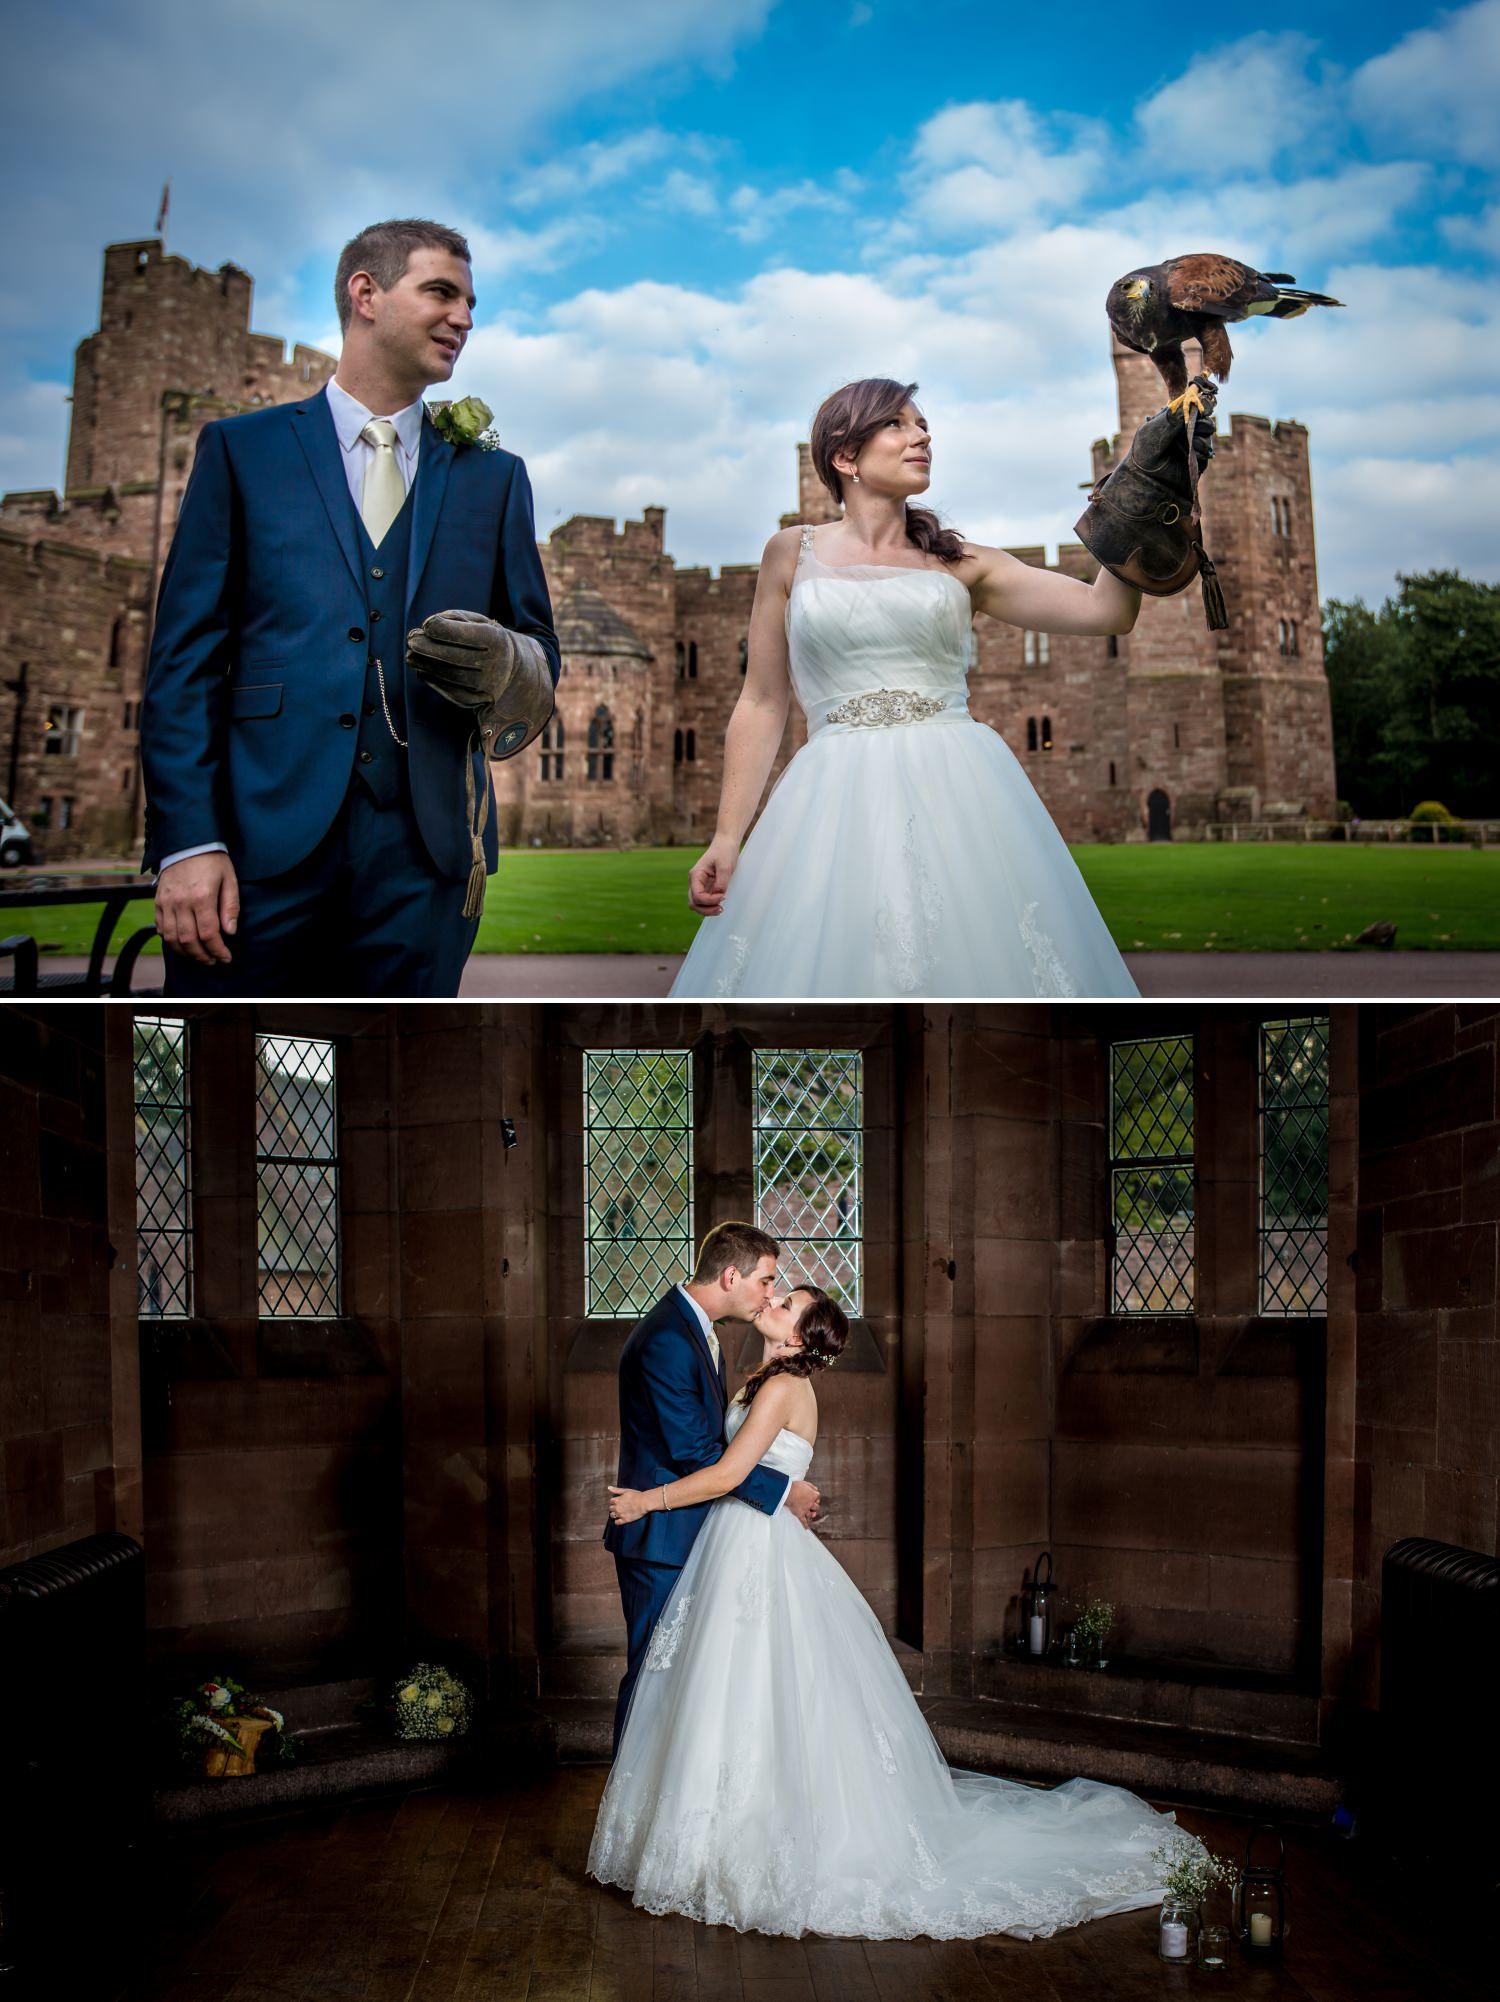 Bride and groom at Cheshire wedding venue Peckforton Castle